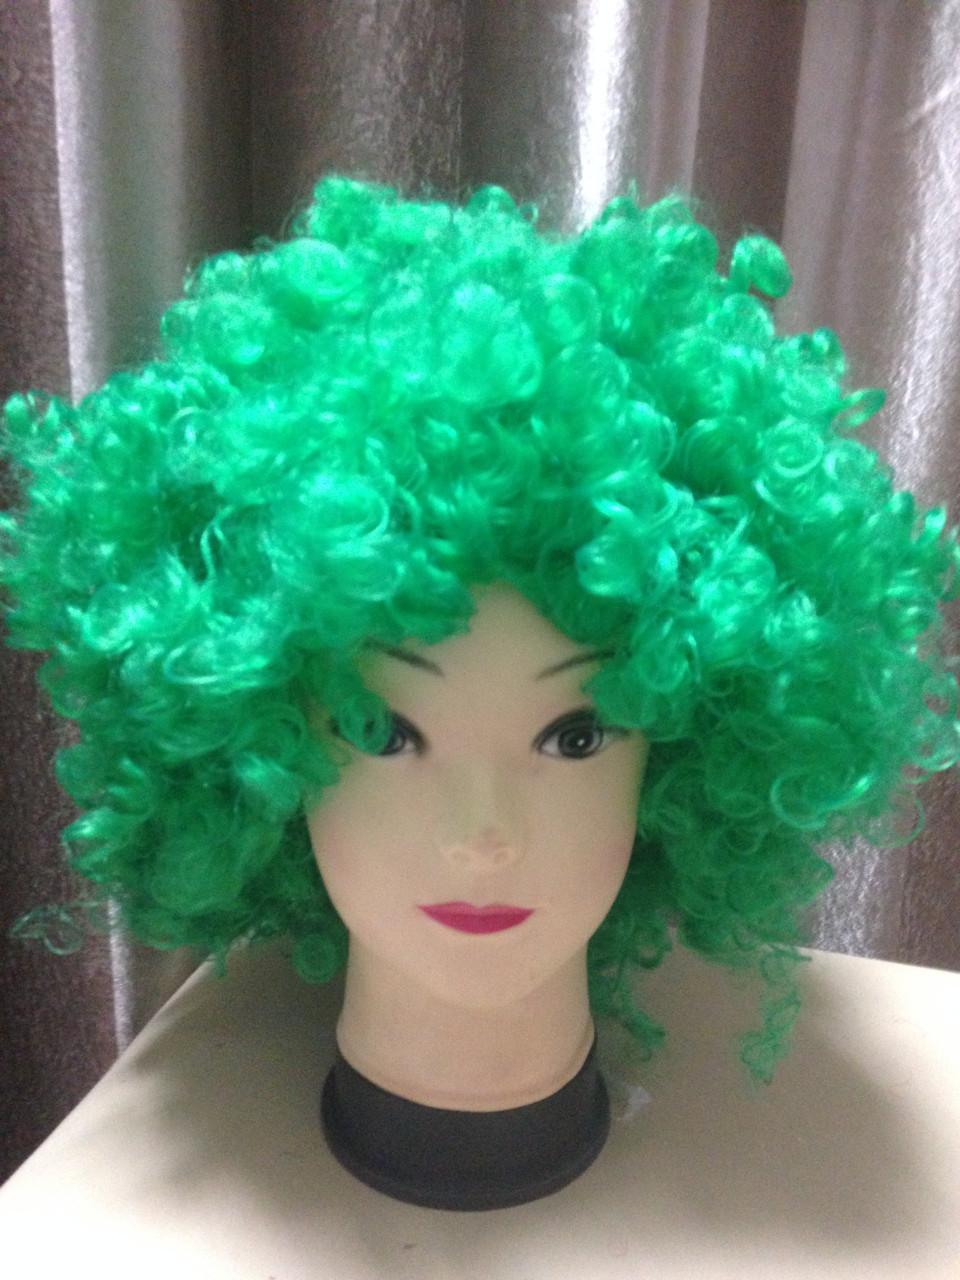 Африканский волос большой, сильно кудрявый, зеленый